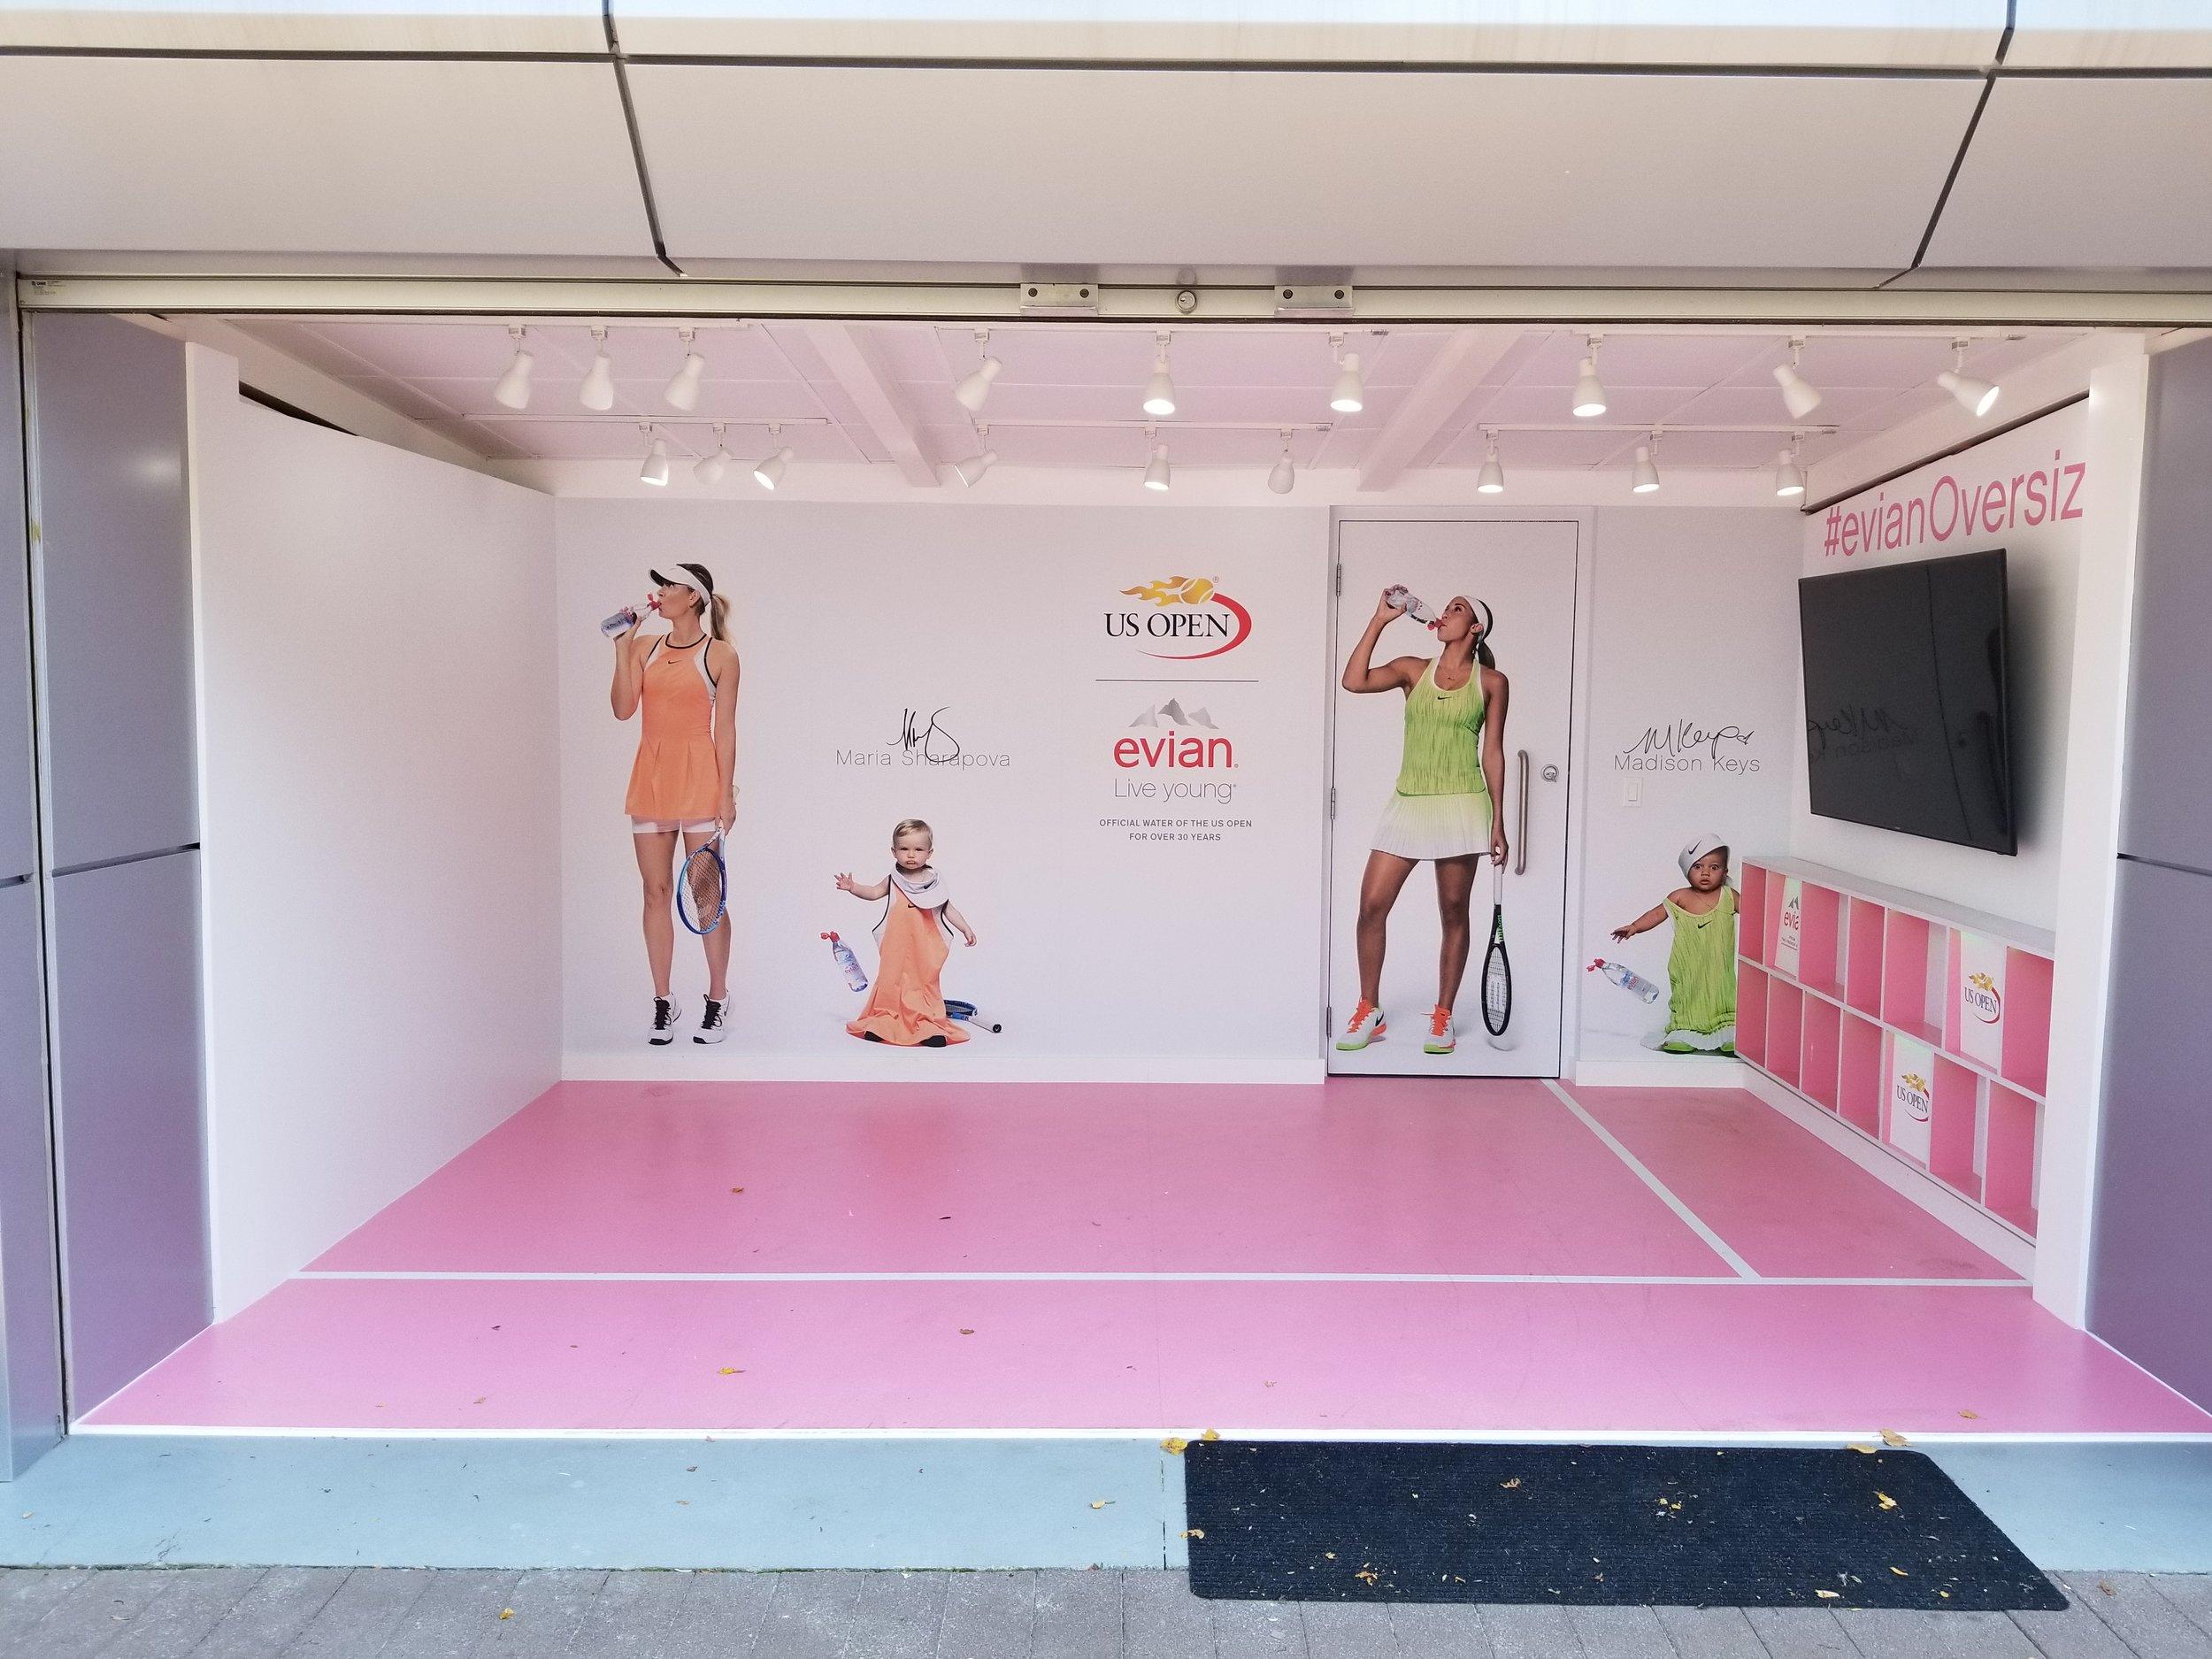 Evian US Open Tennis Booth.jpg